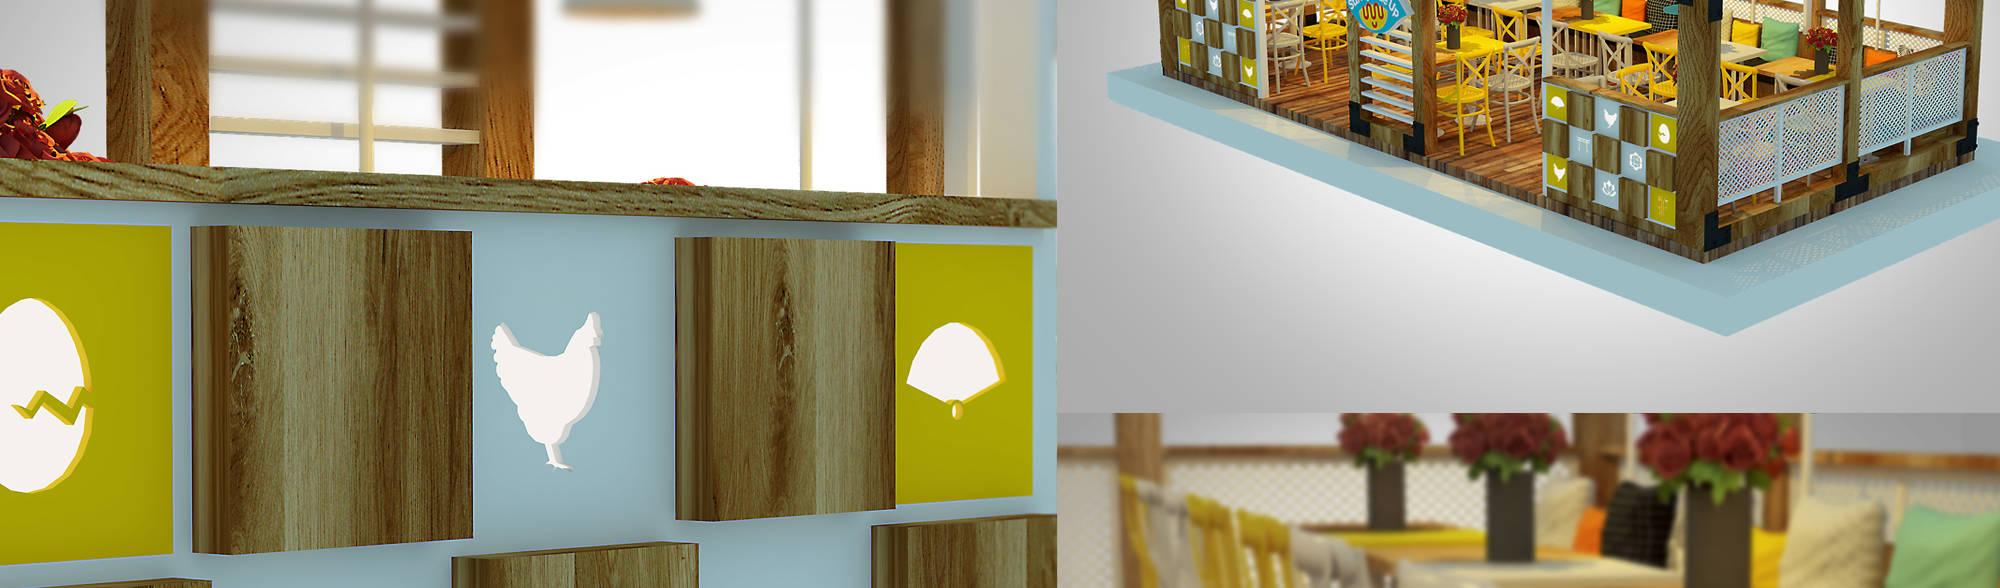 IDEO DESIGNWORK